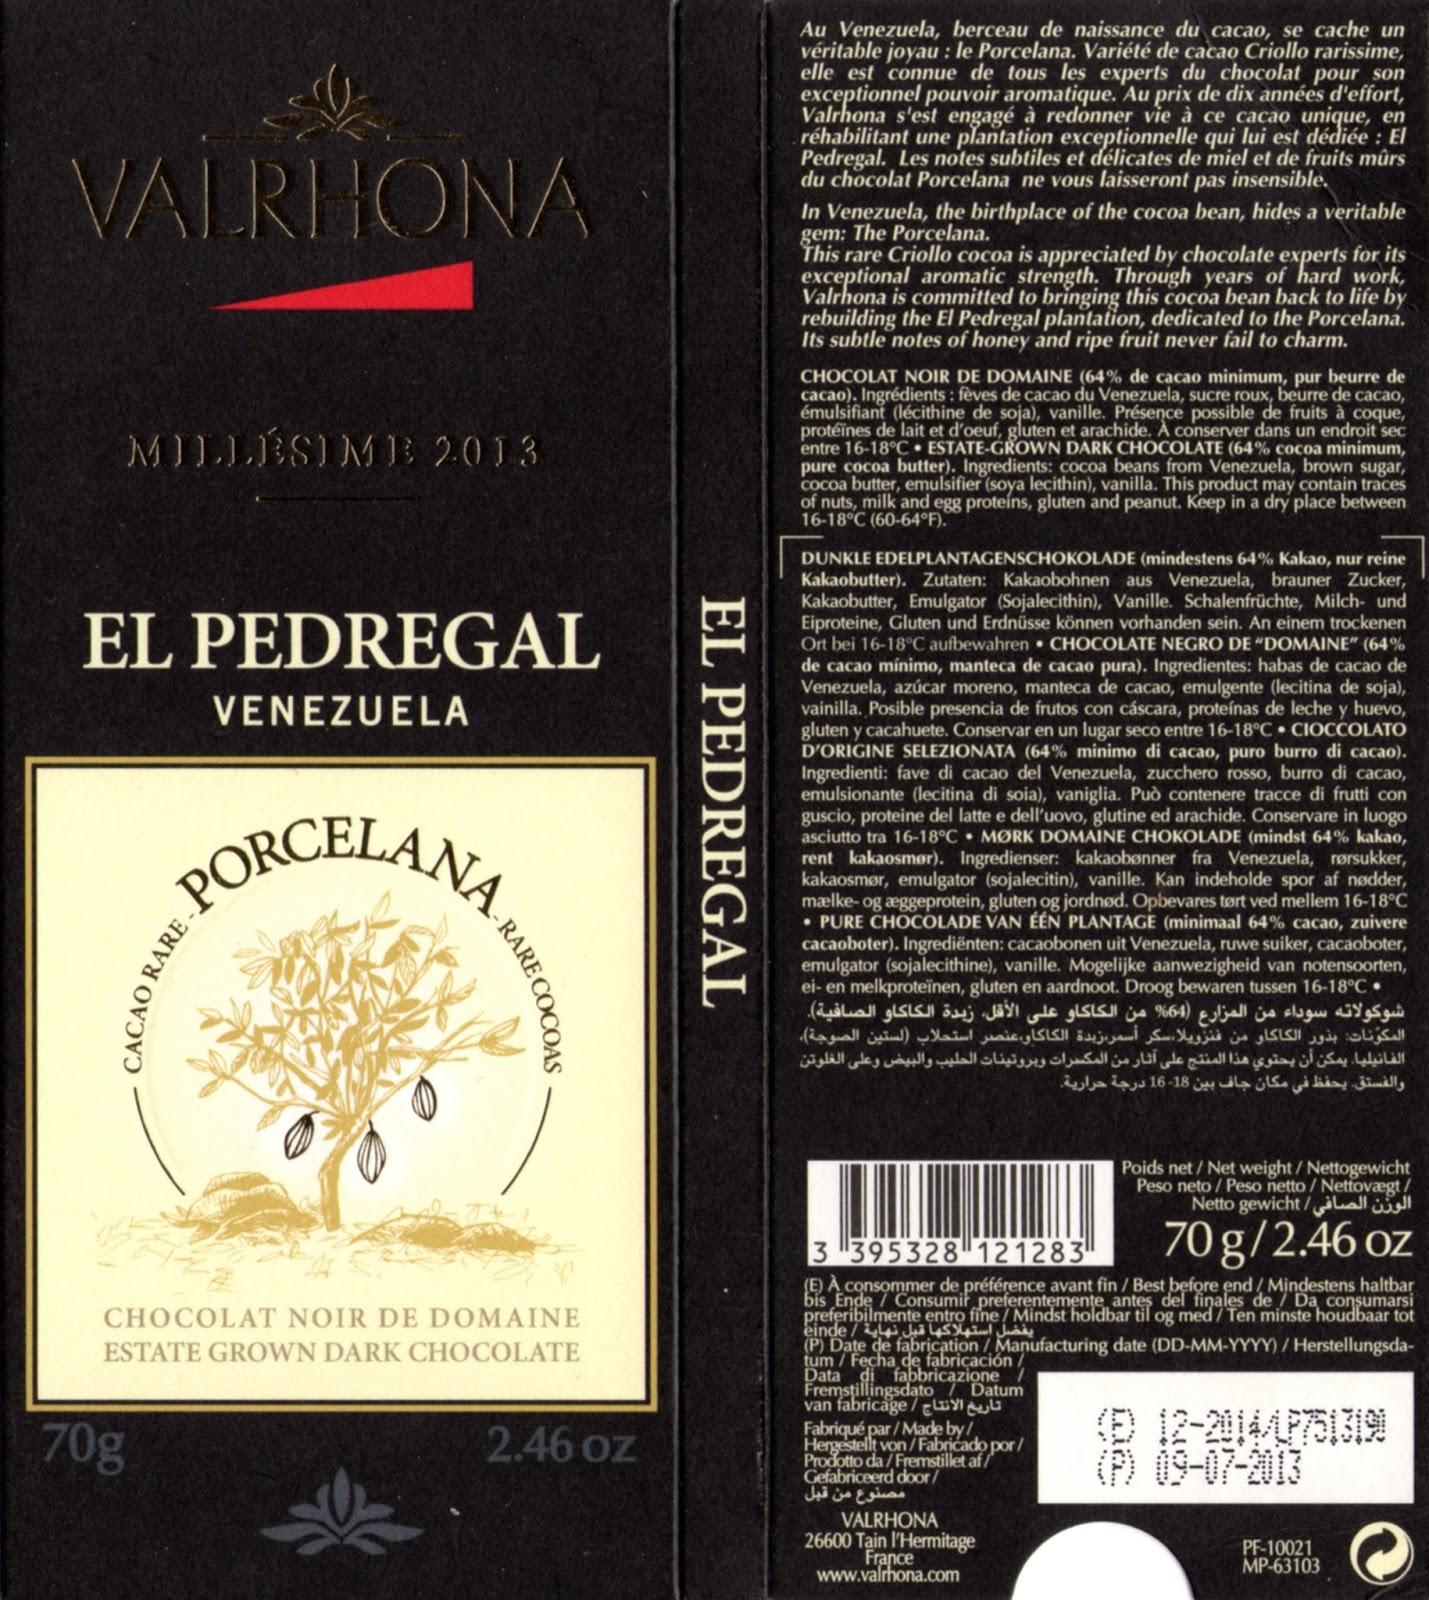 tablette de chocolat noir dégustation valrhona noir de domaine el pedregal vénézuela 2013